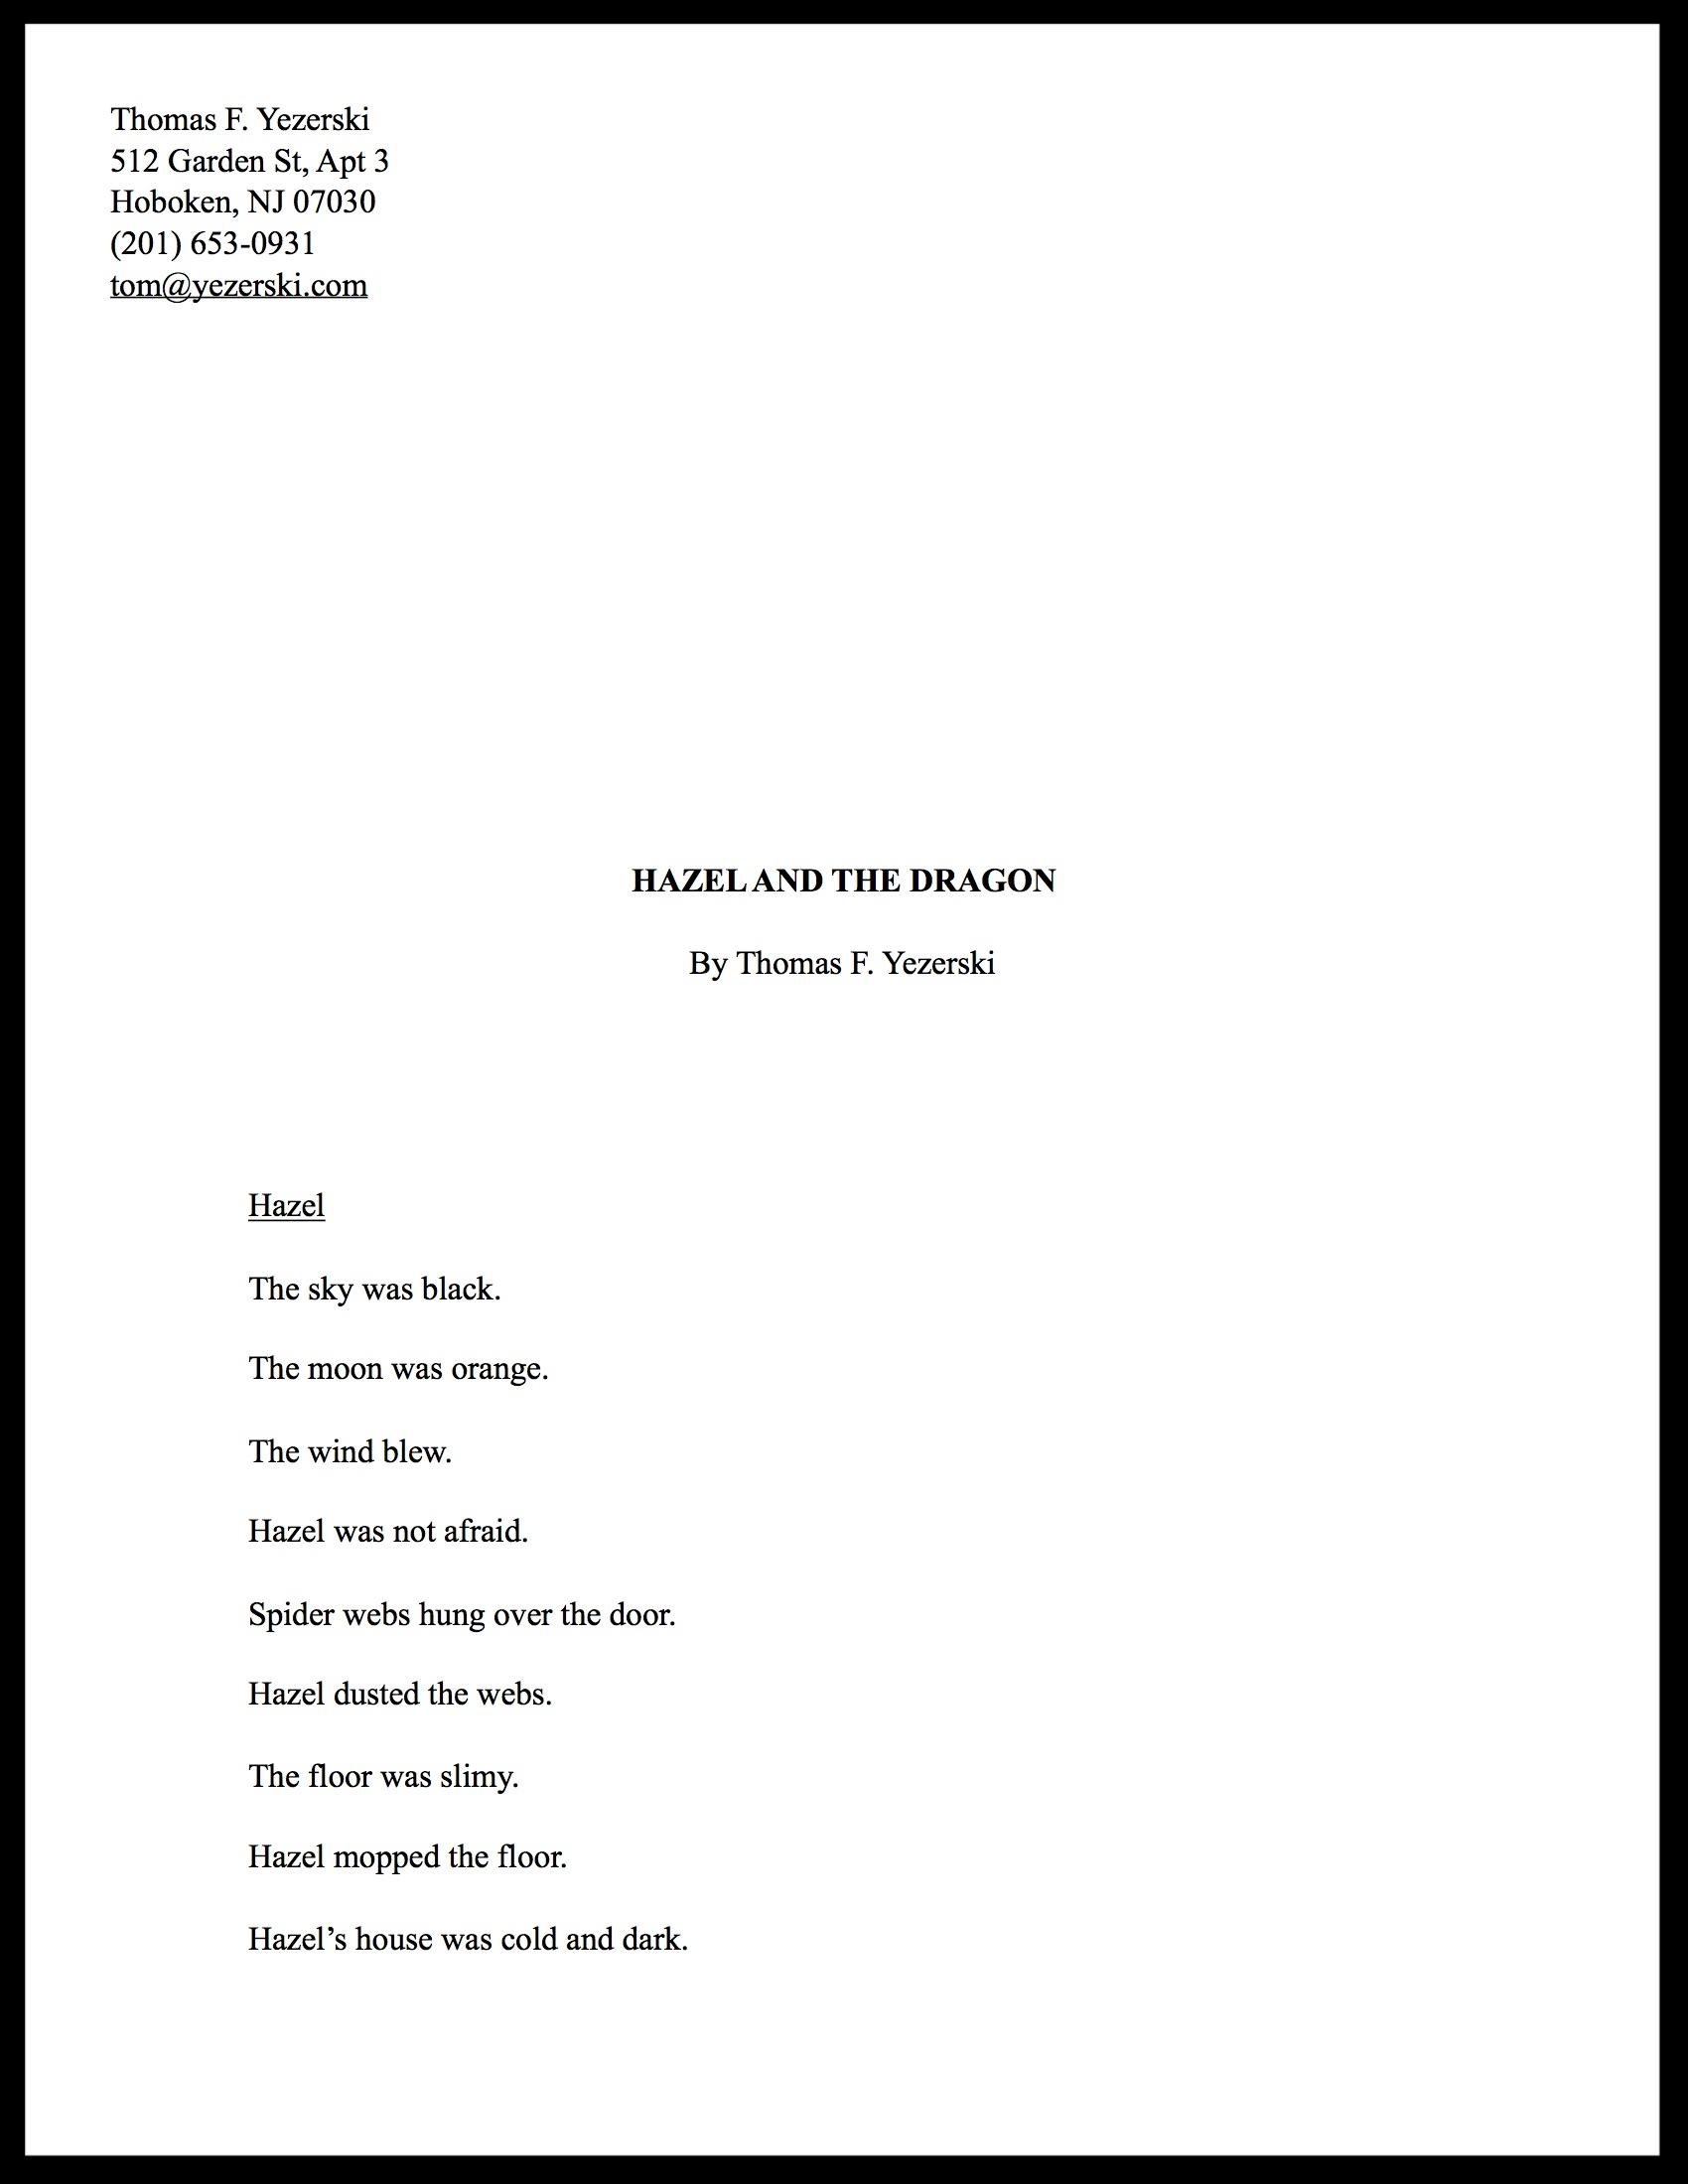 Hazel and the Dragon (Manuscript)